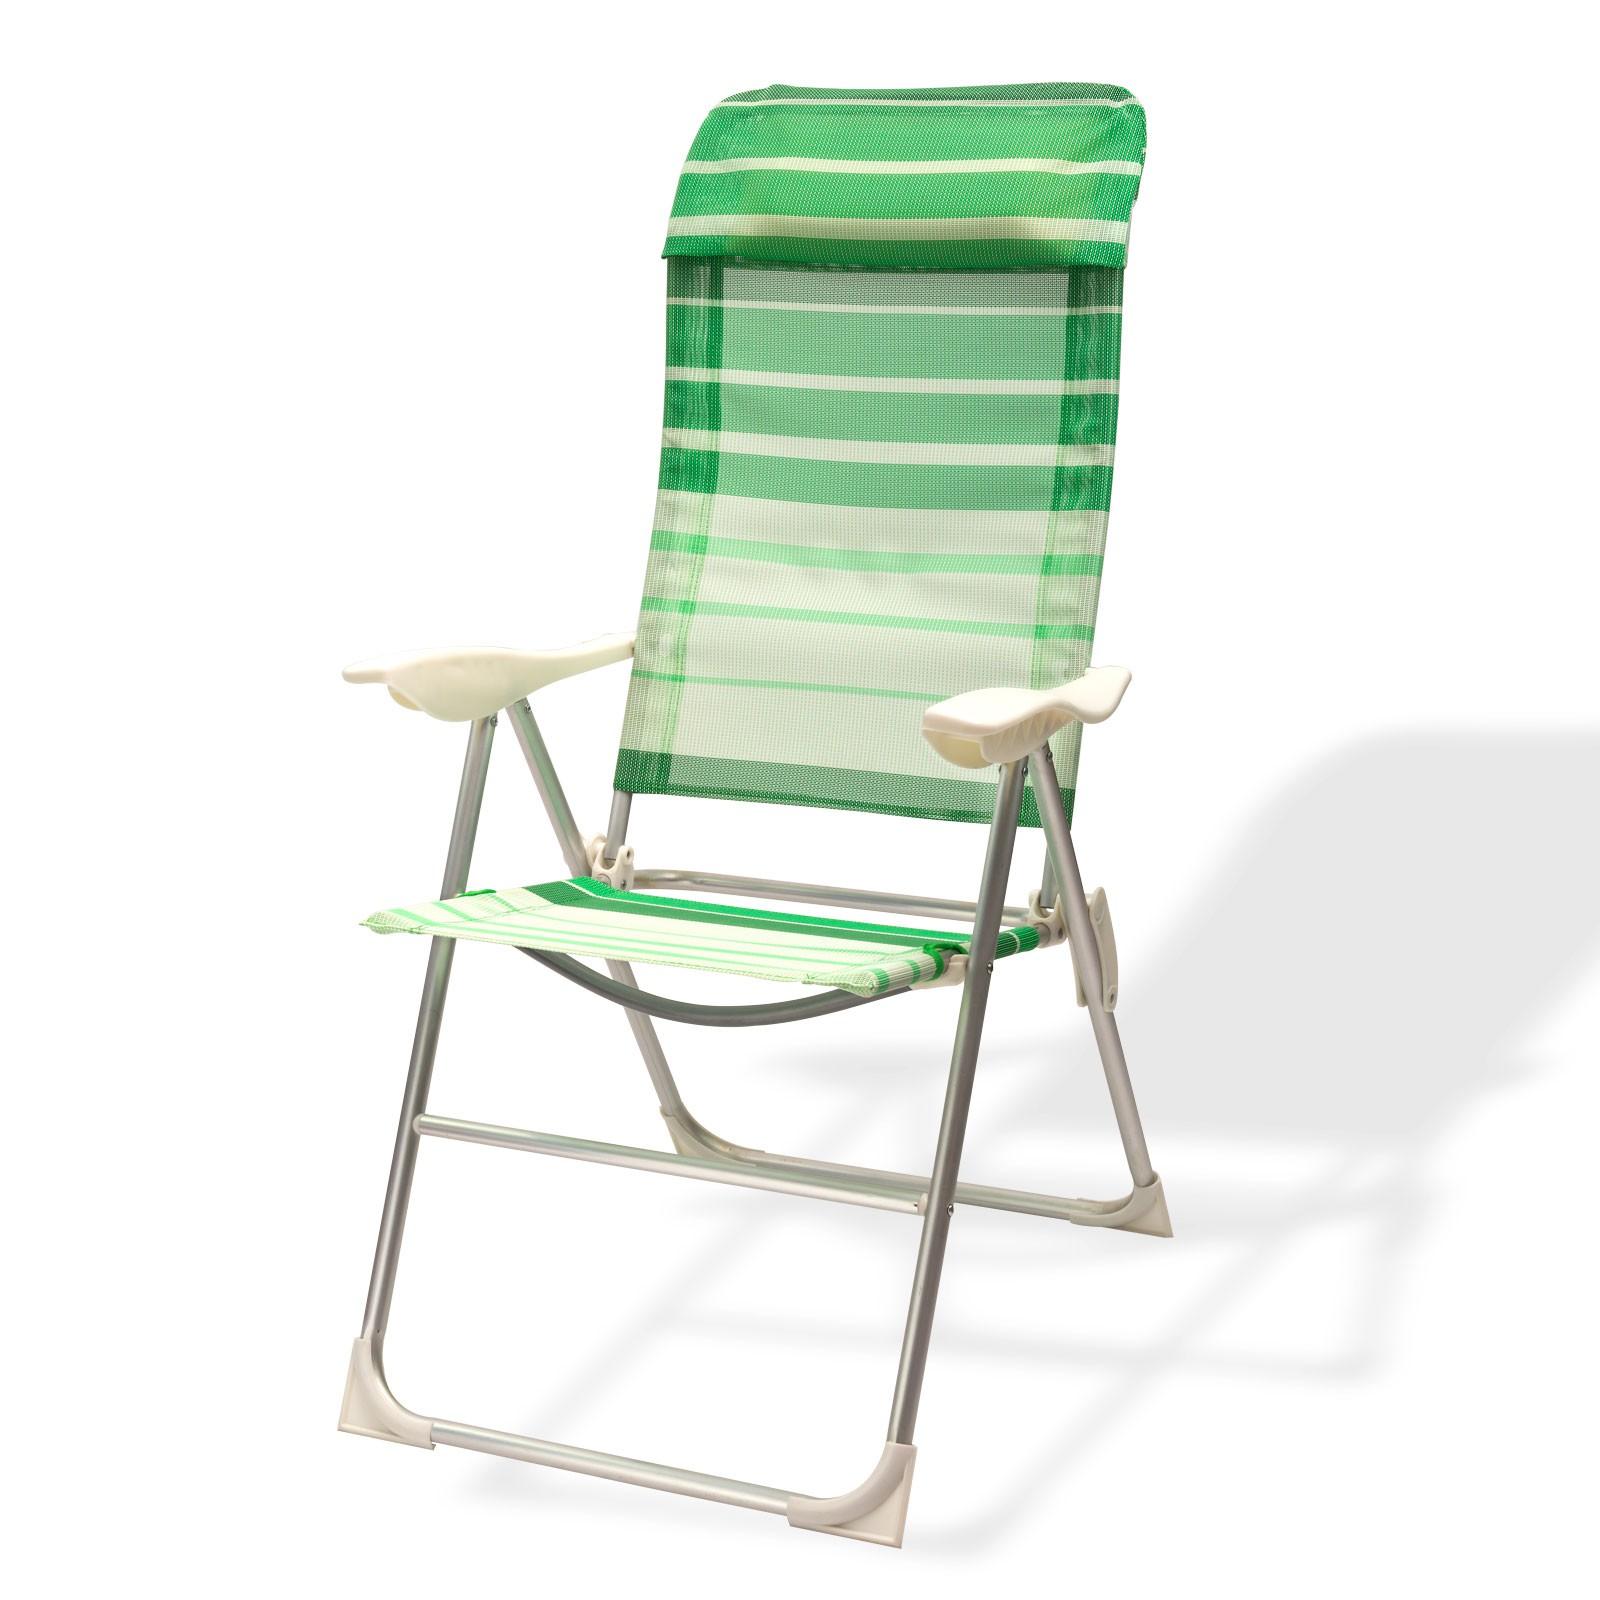 klappstuhl camping. Black Bedroom Furniture Sets. Home Design Ideas